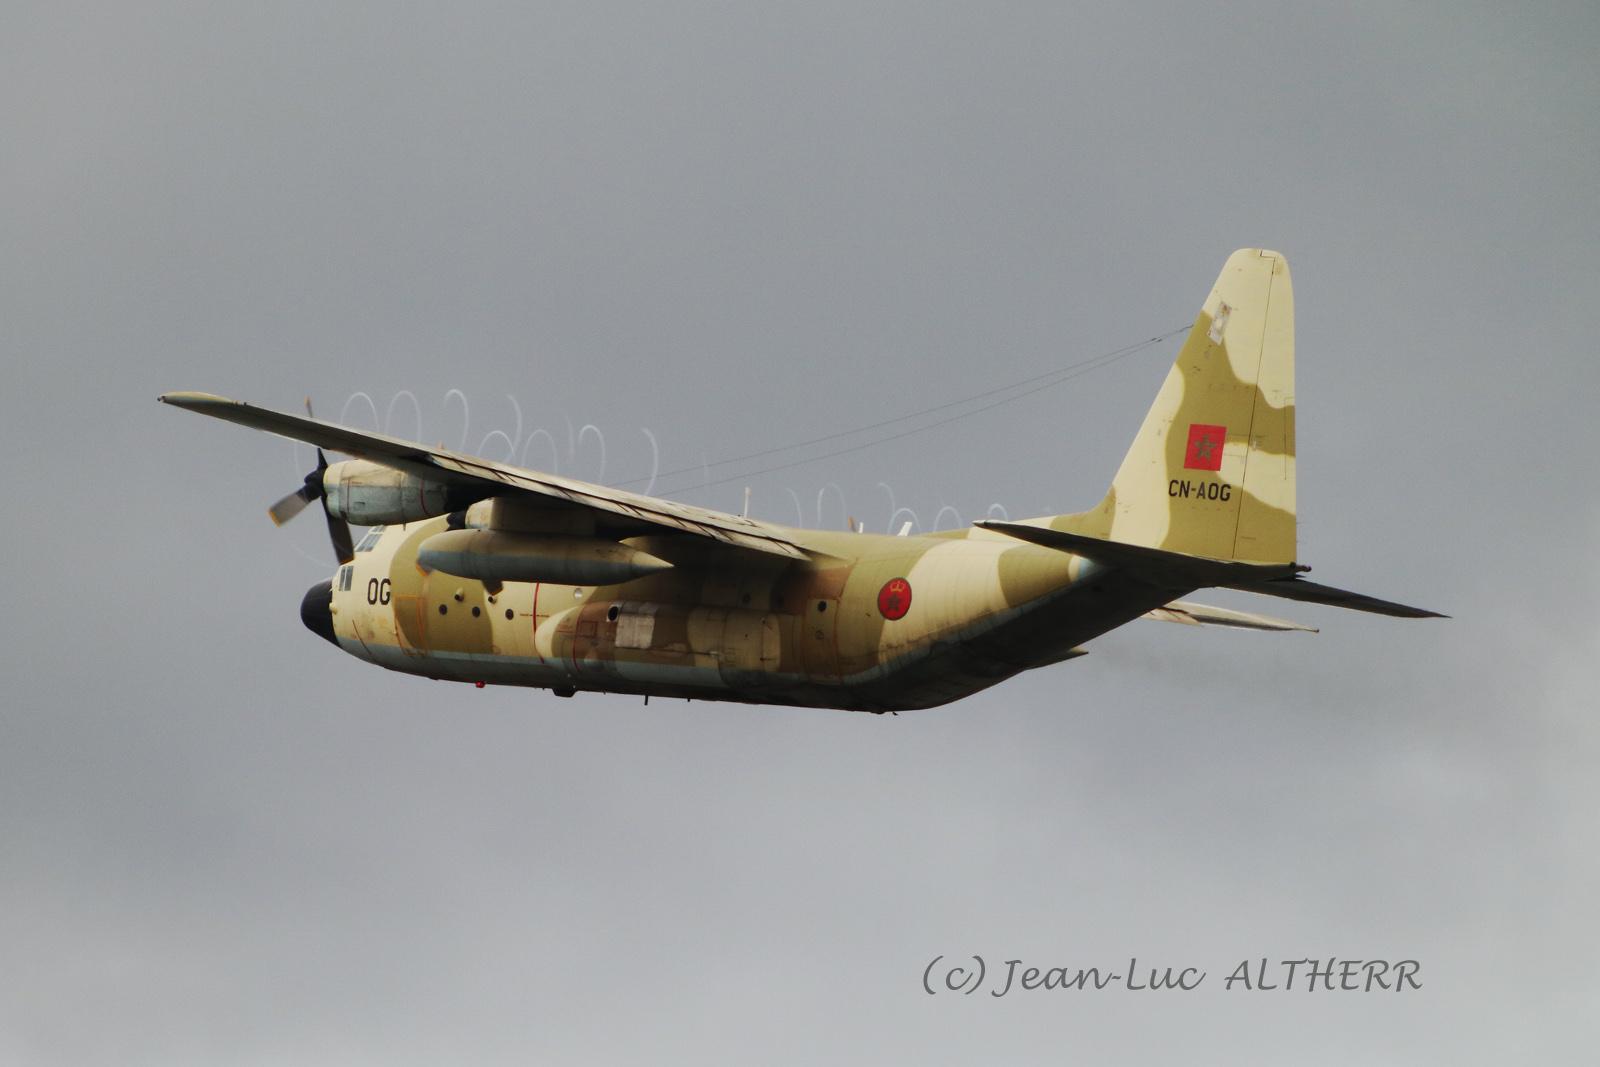 FRA: Photos d'avions de transport - Page 37 47265070952_a5be542296_o